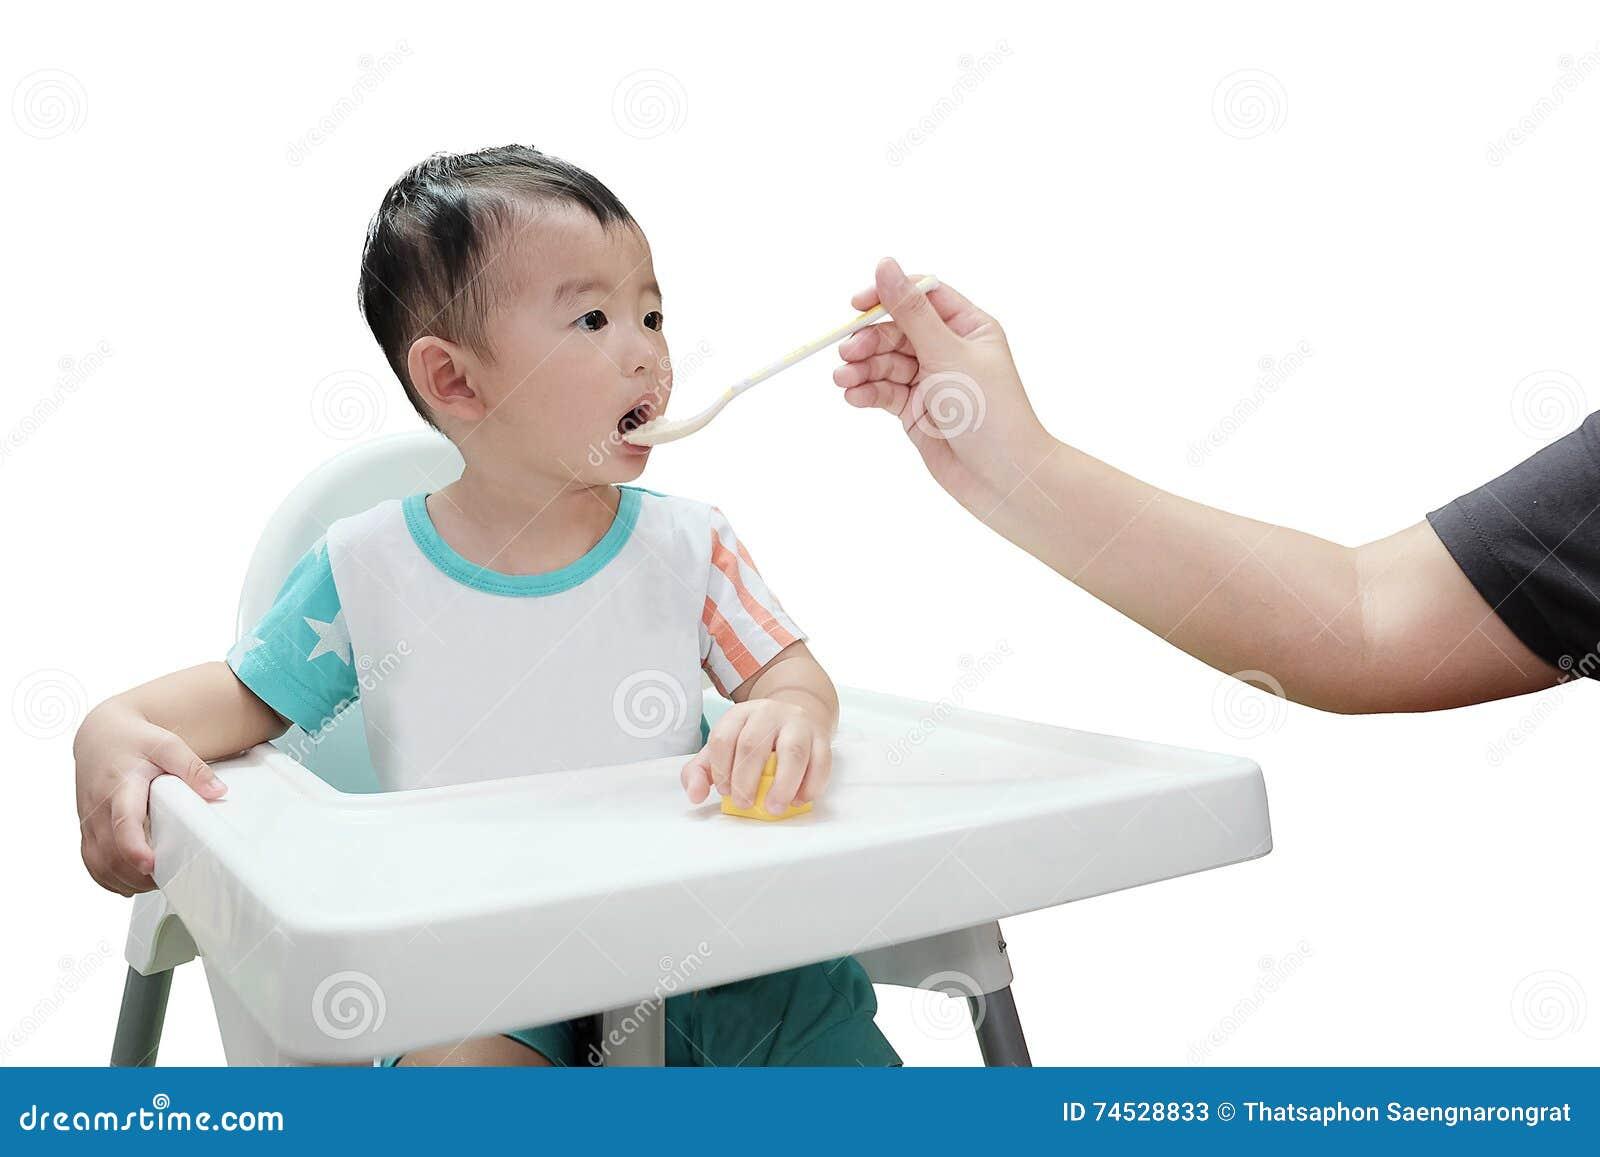 Ασιατικό αγόρι παιδιών που τρώει με το κουτάλι, που απομονώνεται στο άσπρο υπόβαθρο